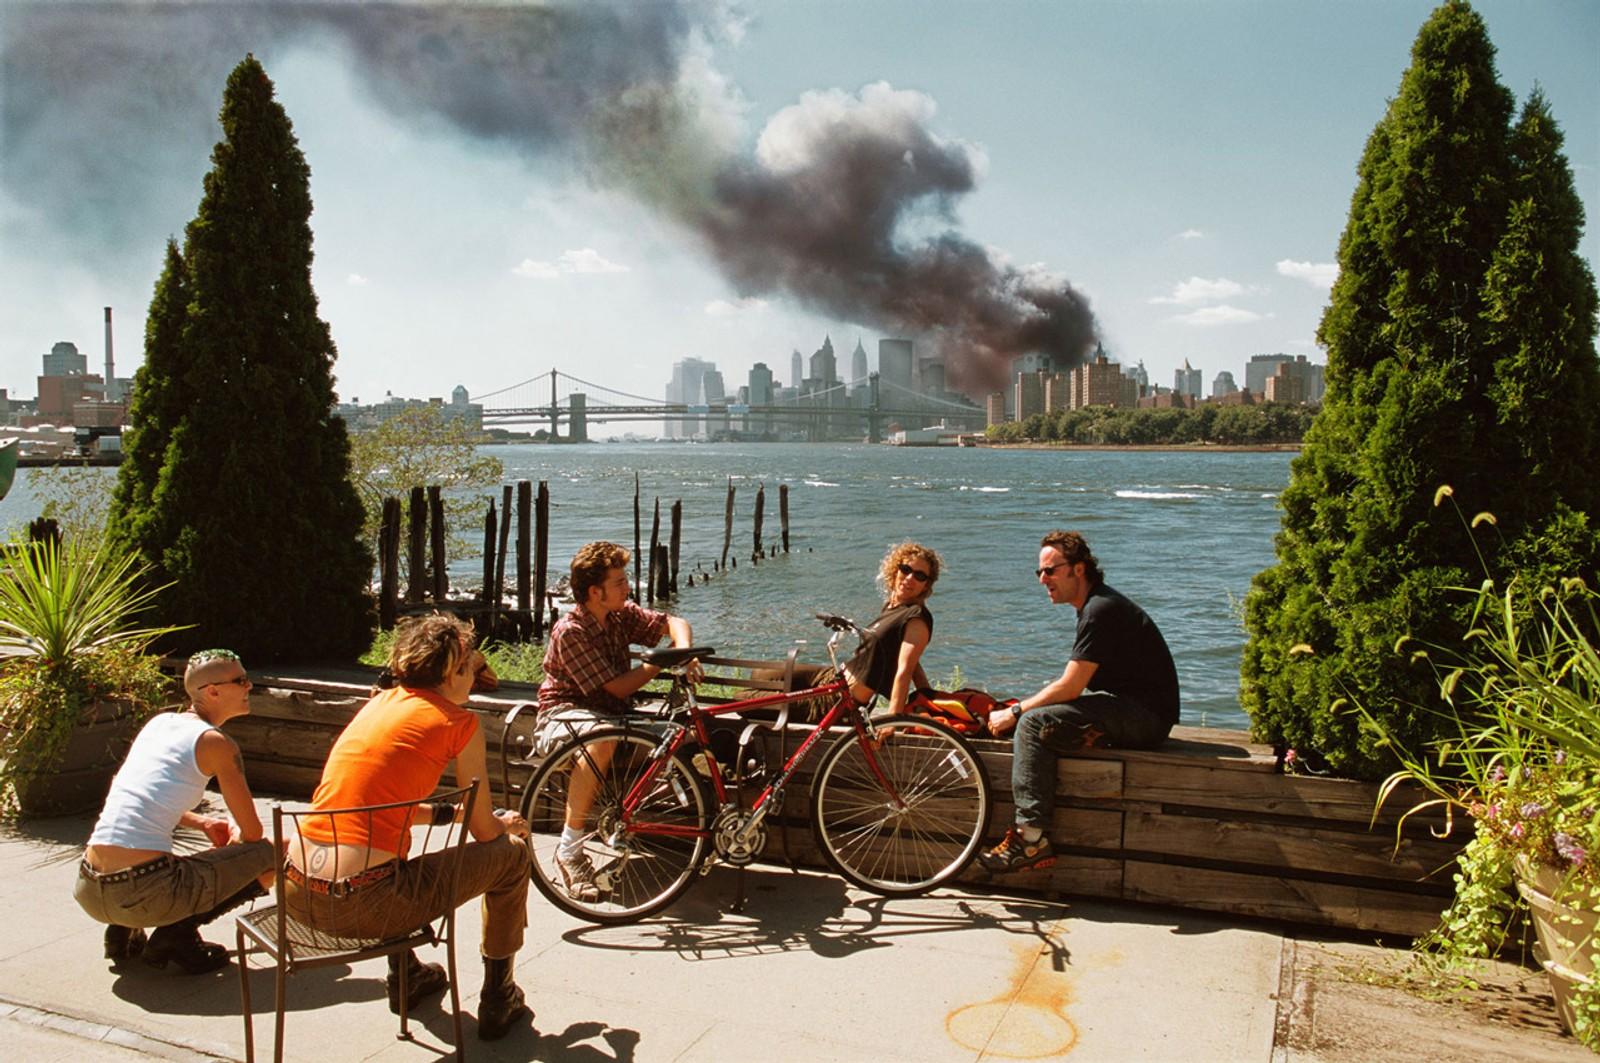 Thomas Hoepker vakte oppsikt med dette bildet, tatt i kjølvannet av terroren i New York 11. september 2001.